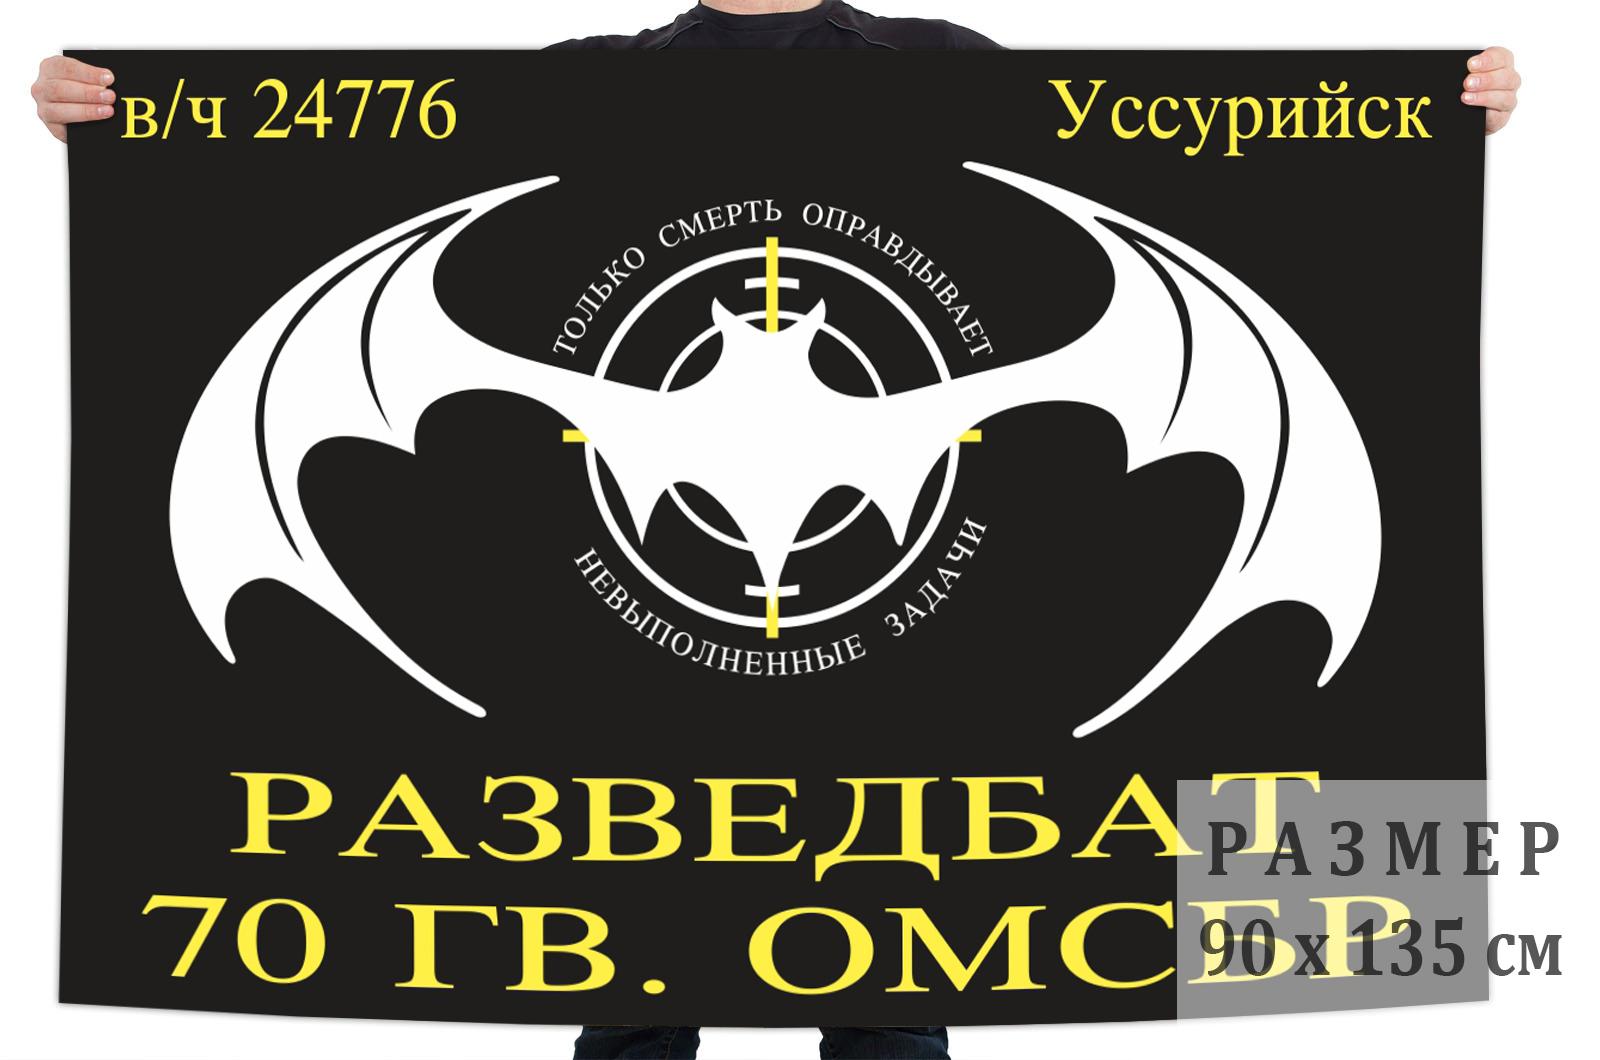 Флаг Разведбата 70 ОМСБр